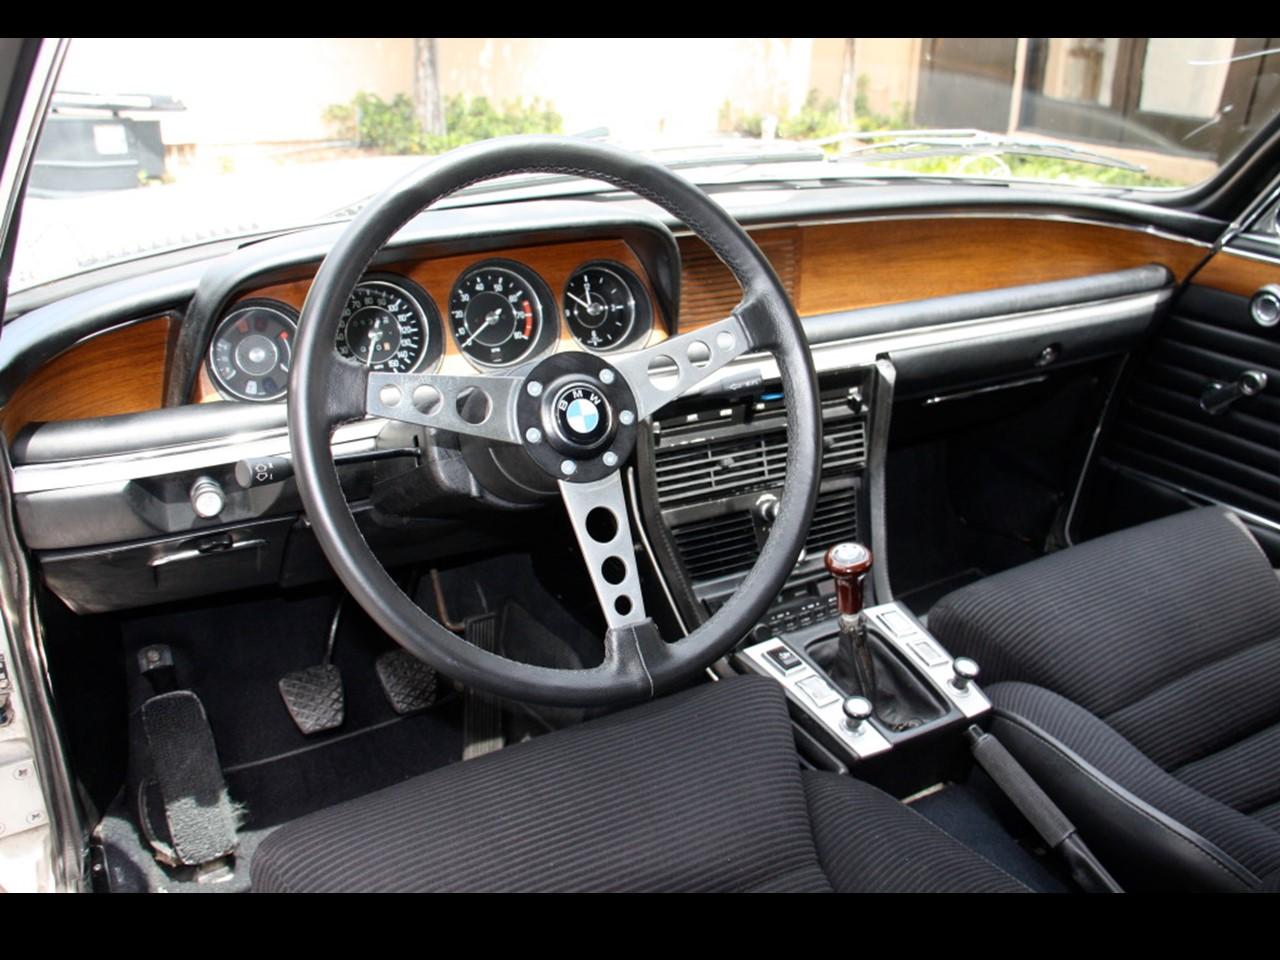 BMW CSL NotoriousLuxury - 1975 bmw 3 0 csl